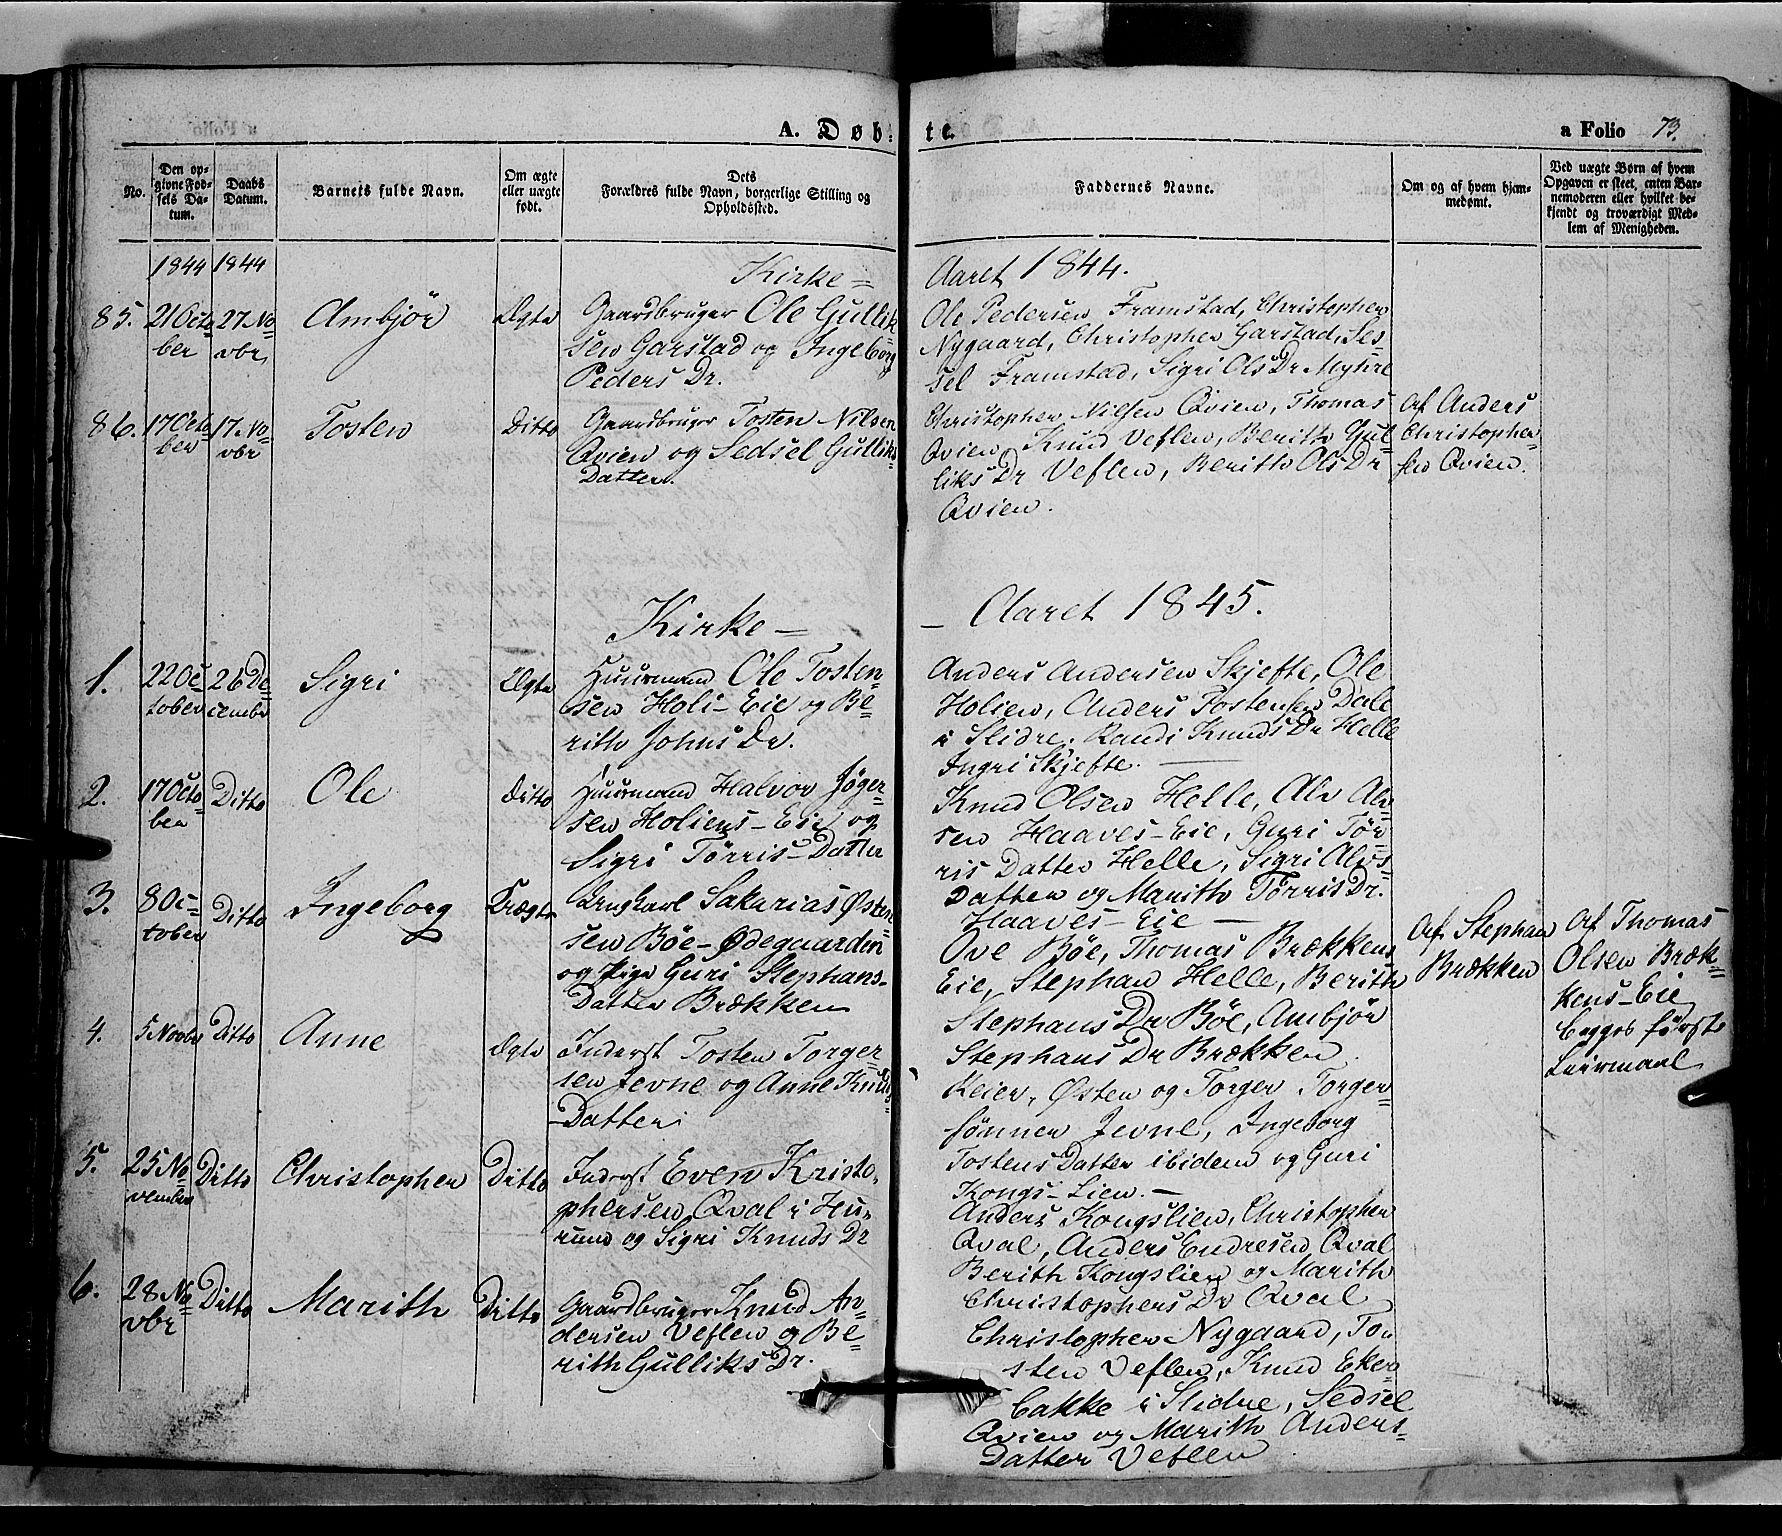 SAH, Vang prestekontor, Valdres, Ministerialbok nr. 5, 1831-1845, s. 73